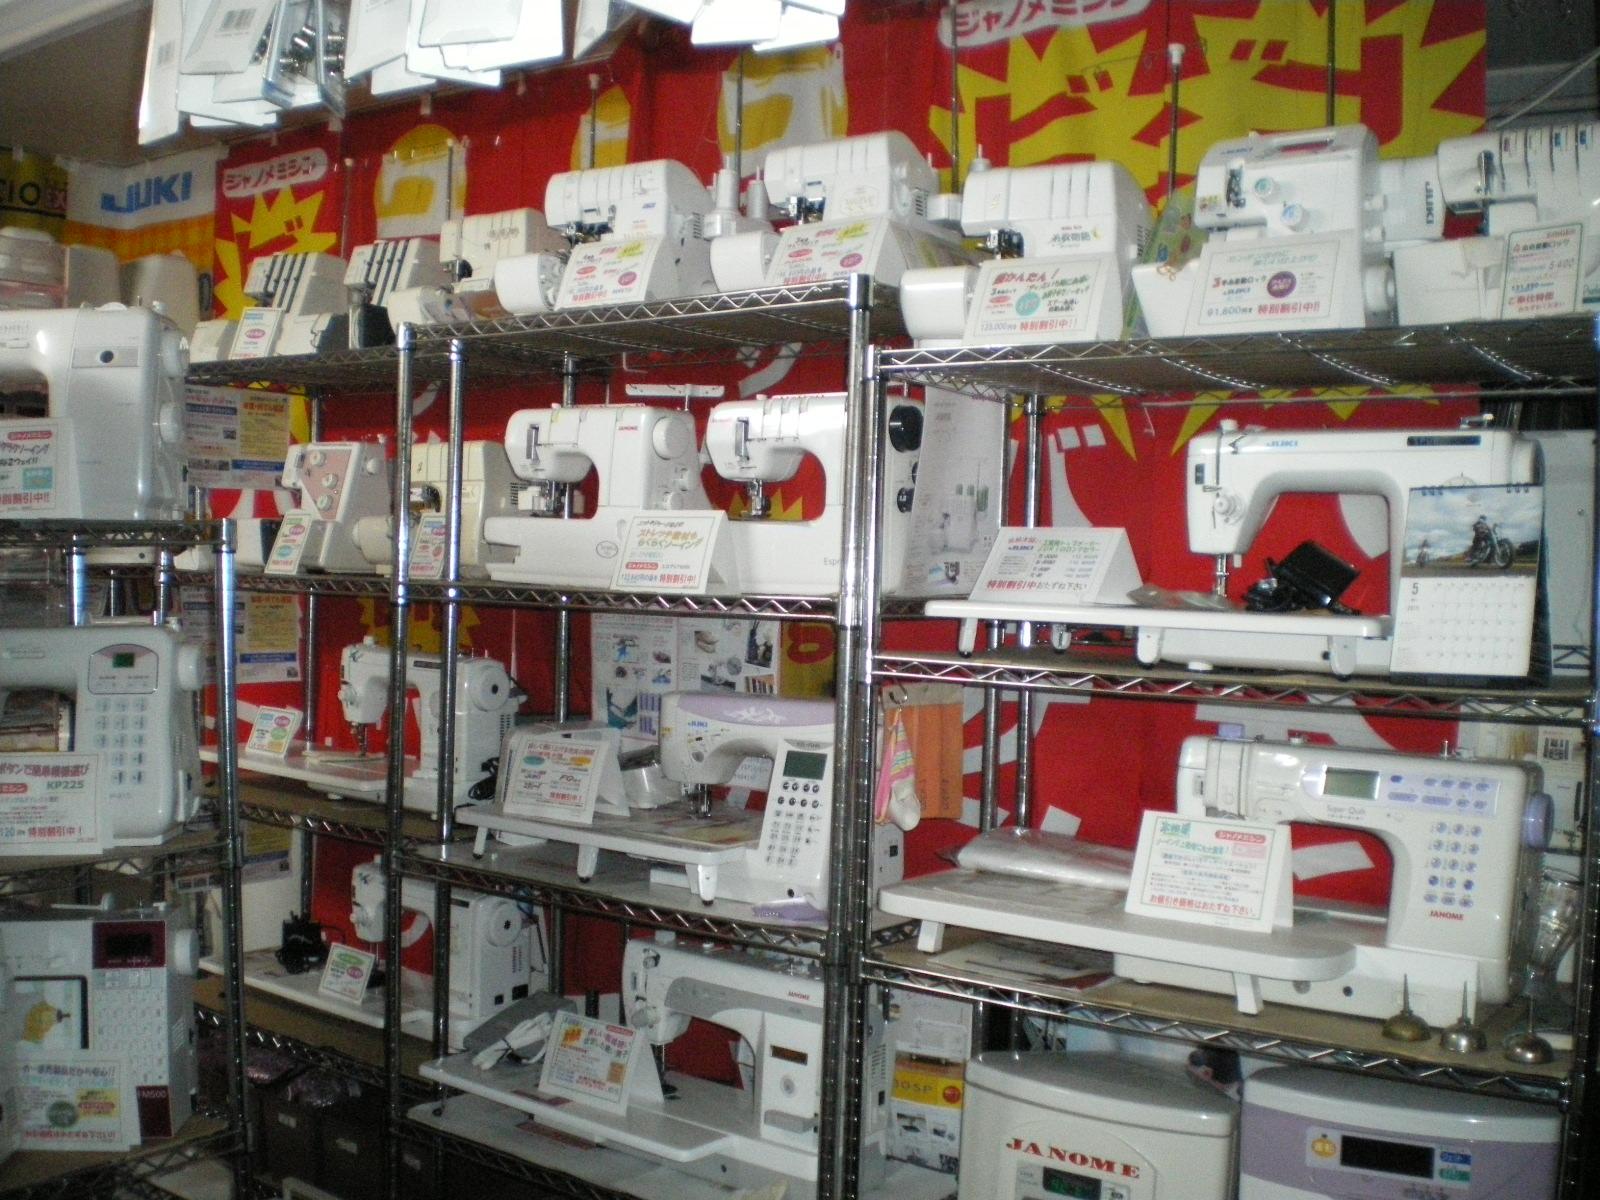 ジャノメミシン江別店:ミシン販売修理 北海道